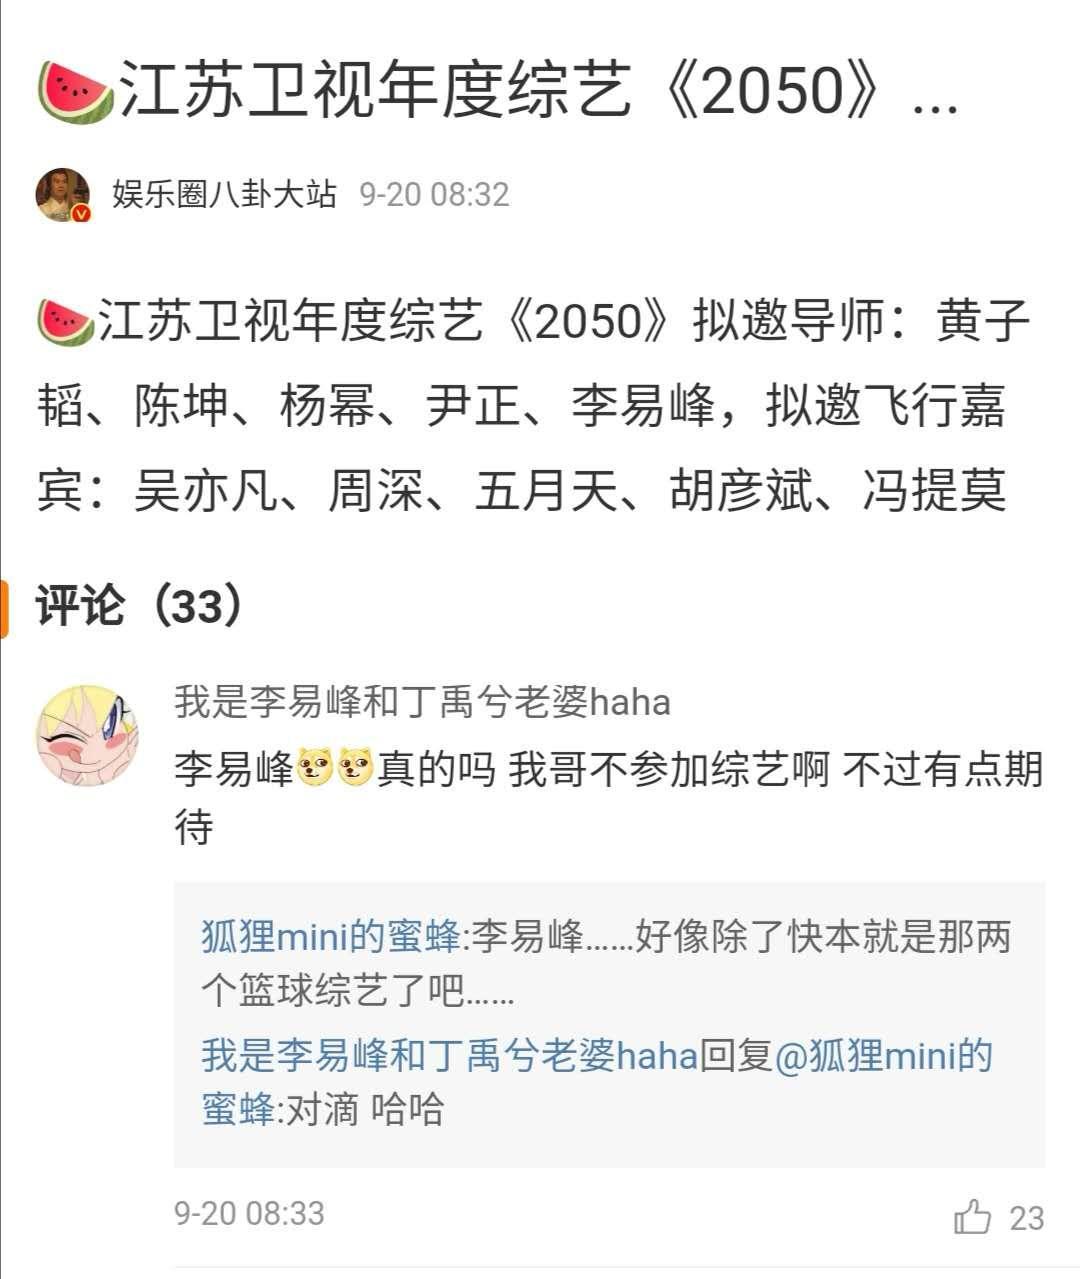 炉石传说官方网站_冯提莫又上综艺节目?竟和杨幂,吴亦凡同台!